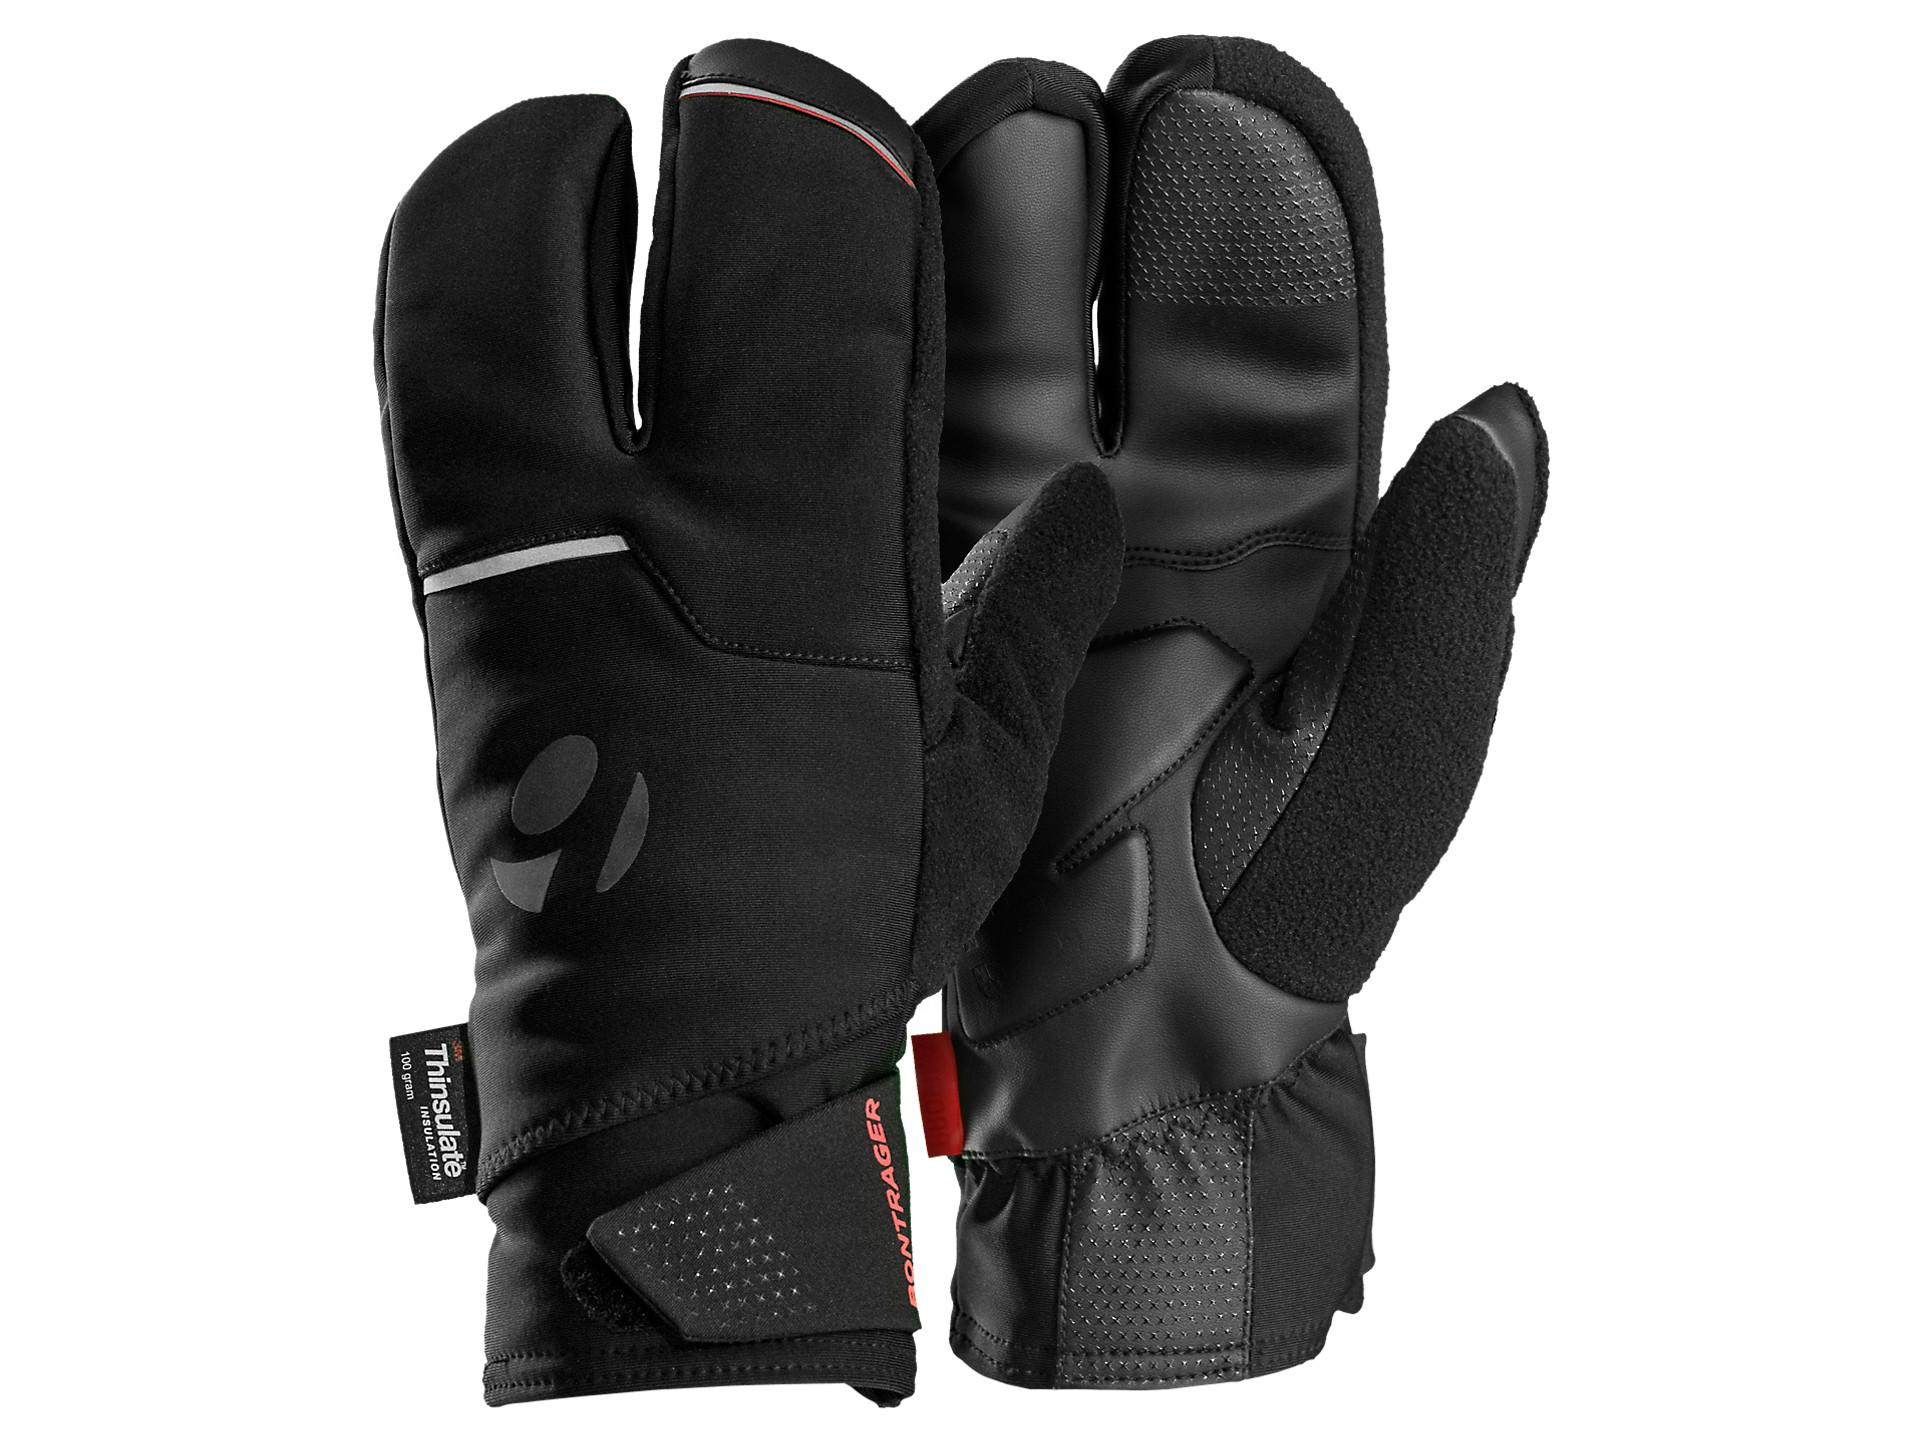 Bontrager Velocis S2 Softshell Split Finger Glove  c2ff10bea